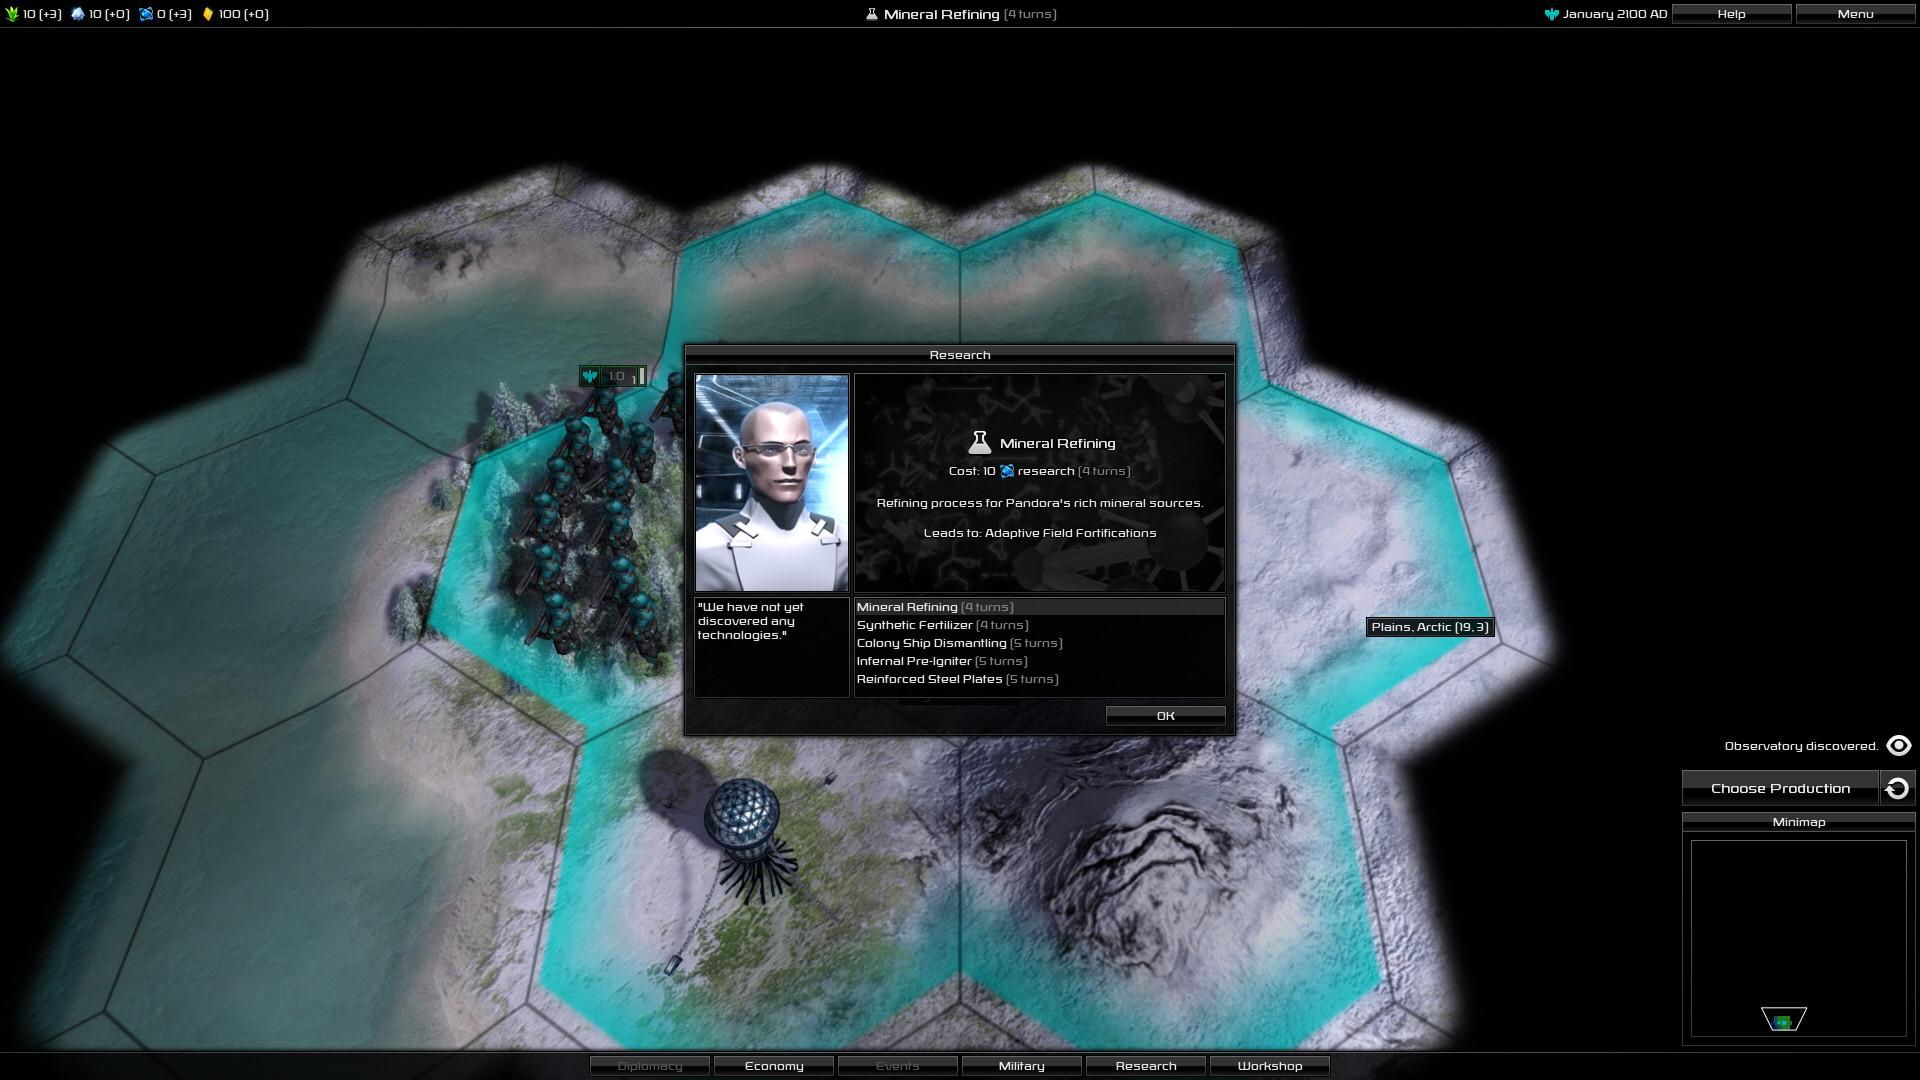 pandora_first_contact_research_large1.jpg